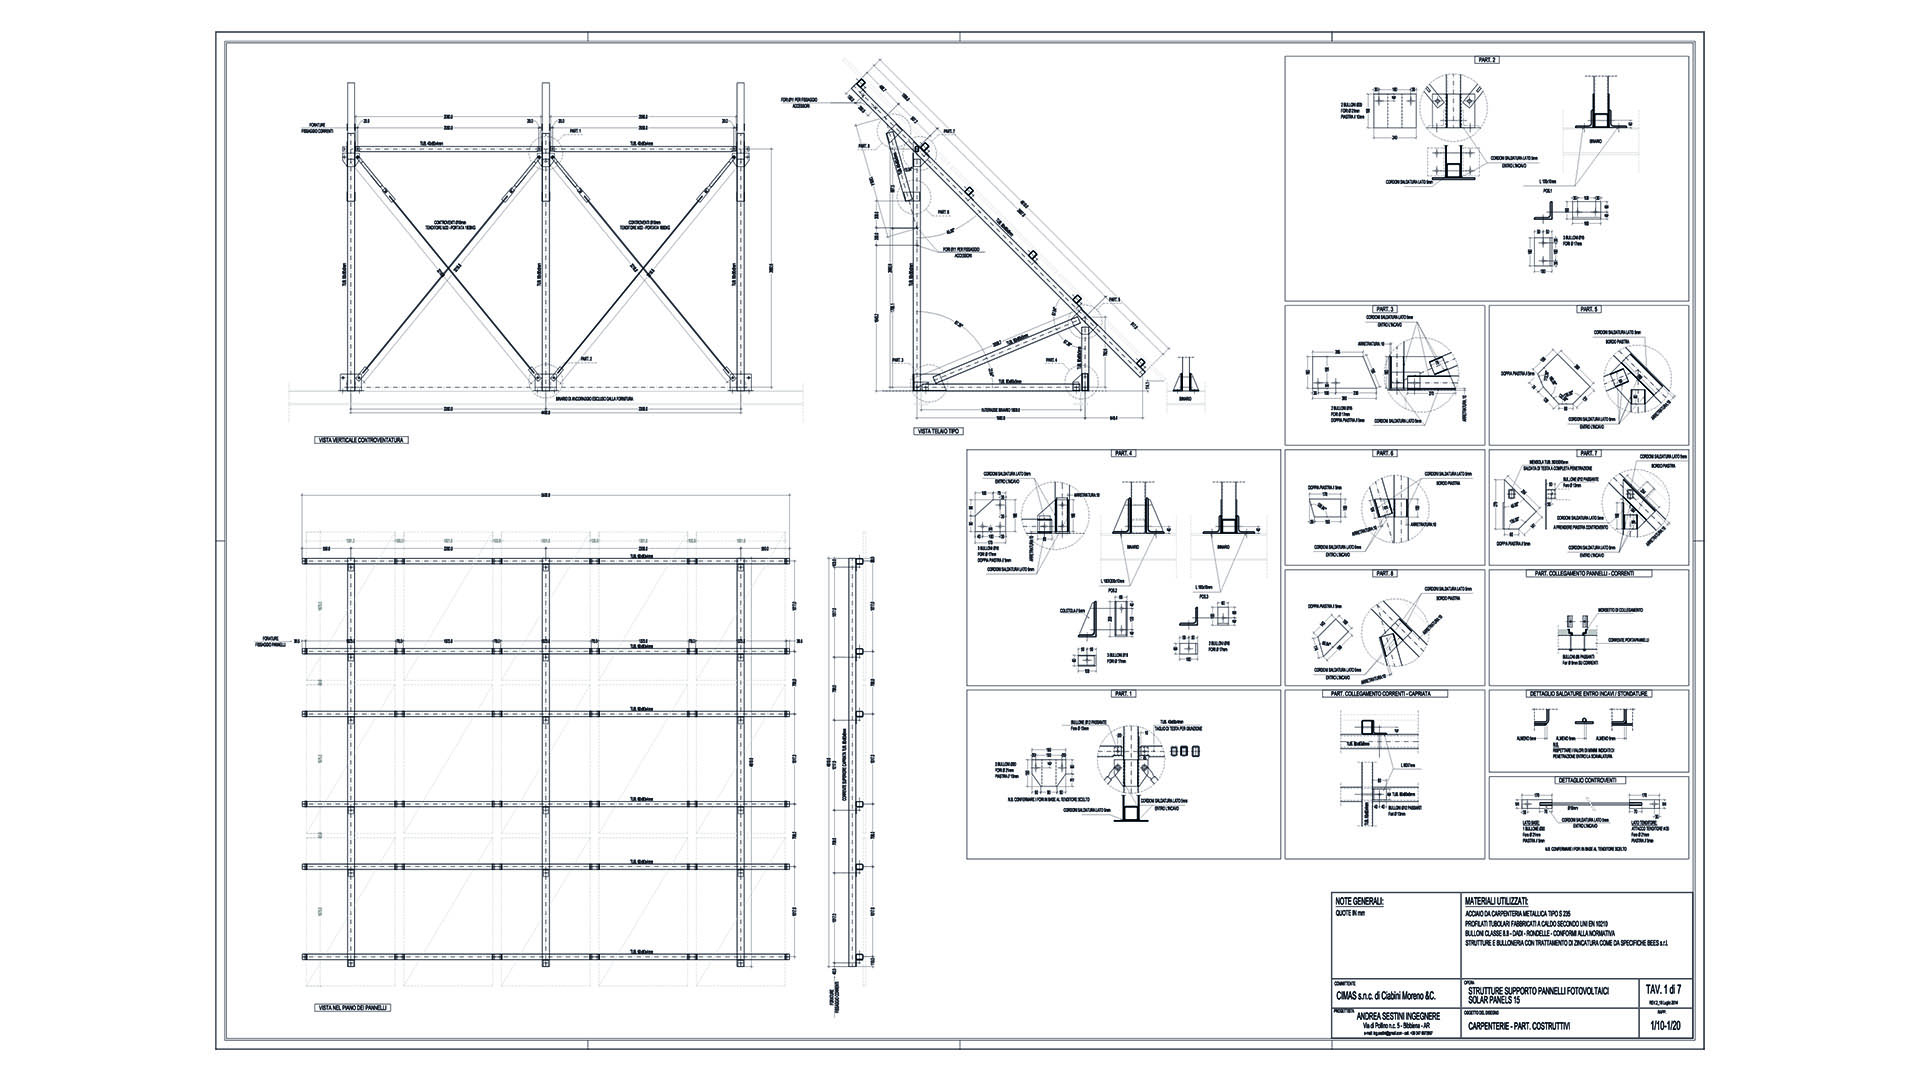 tavola per struttura per fotovoltaico